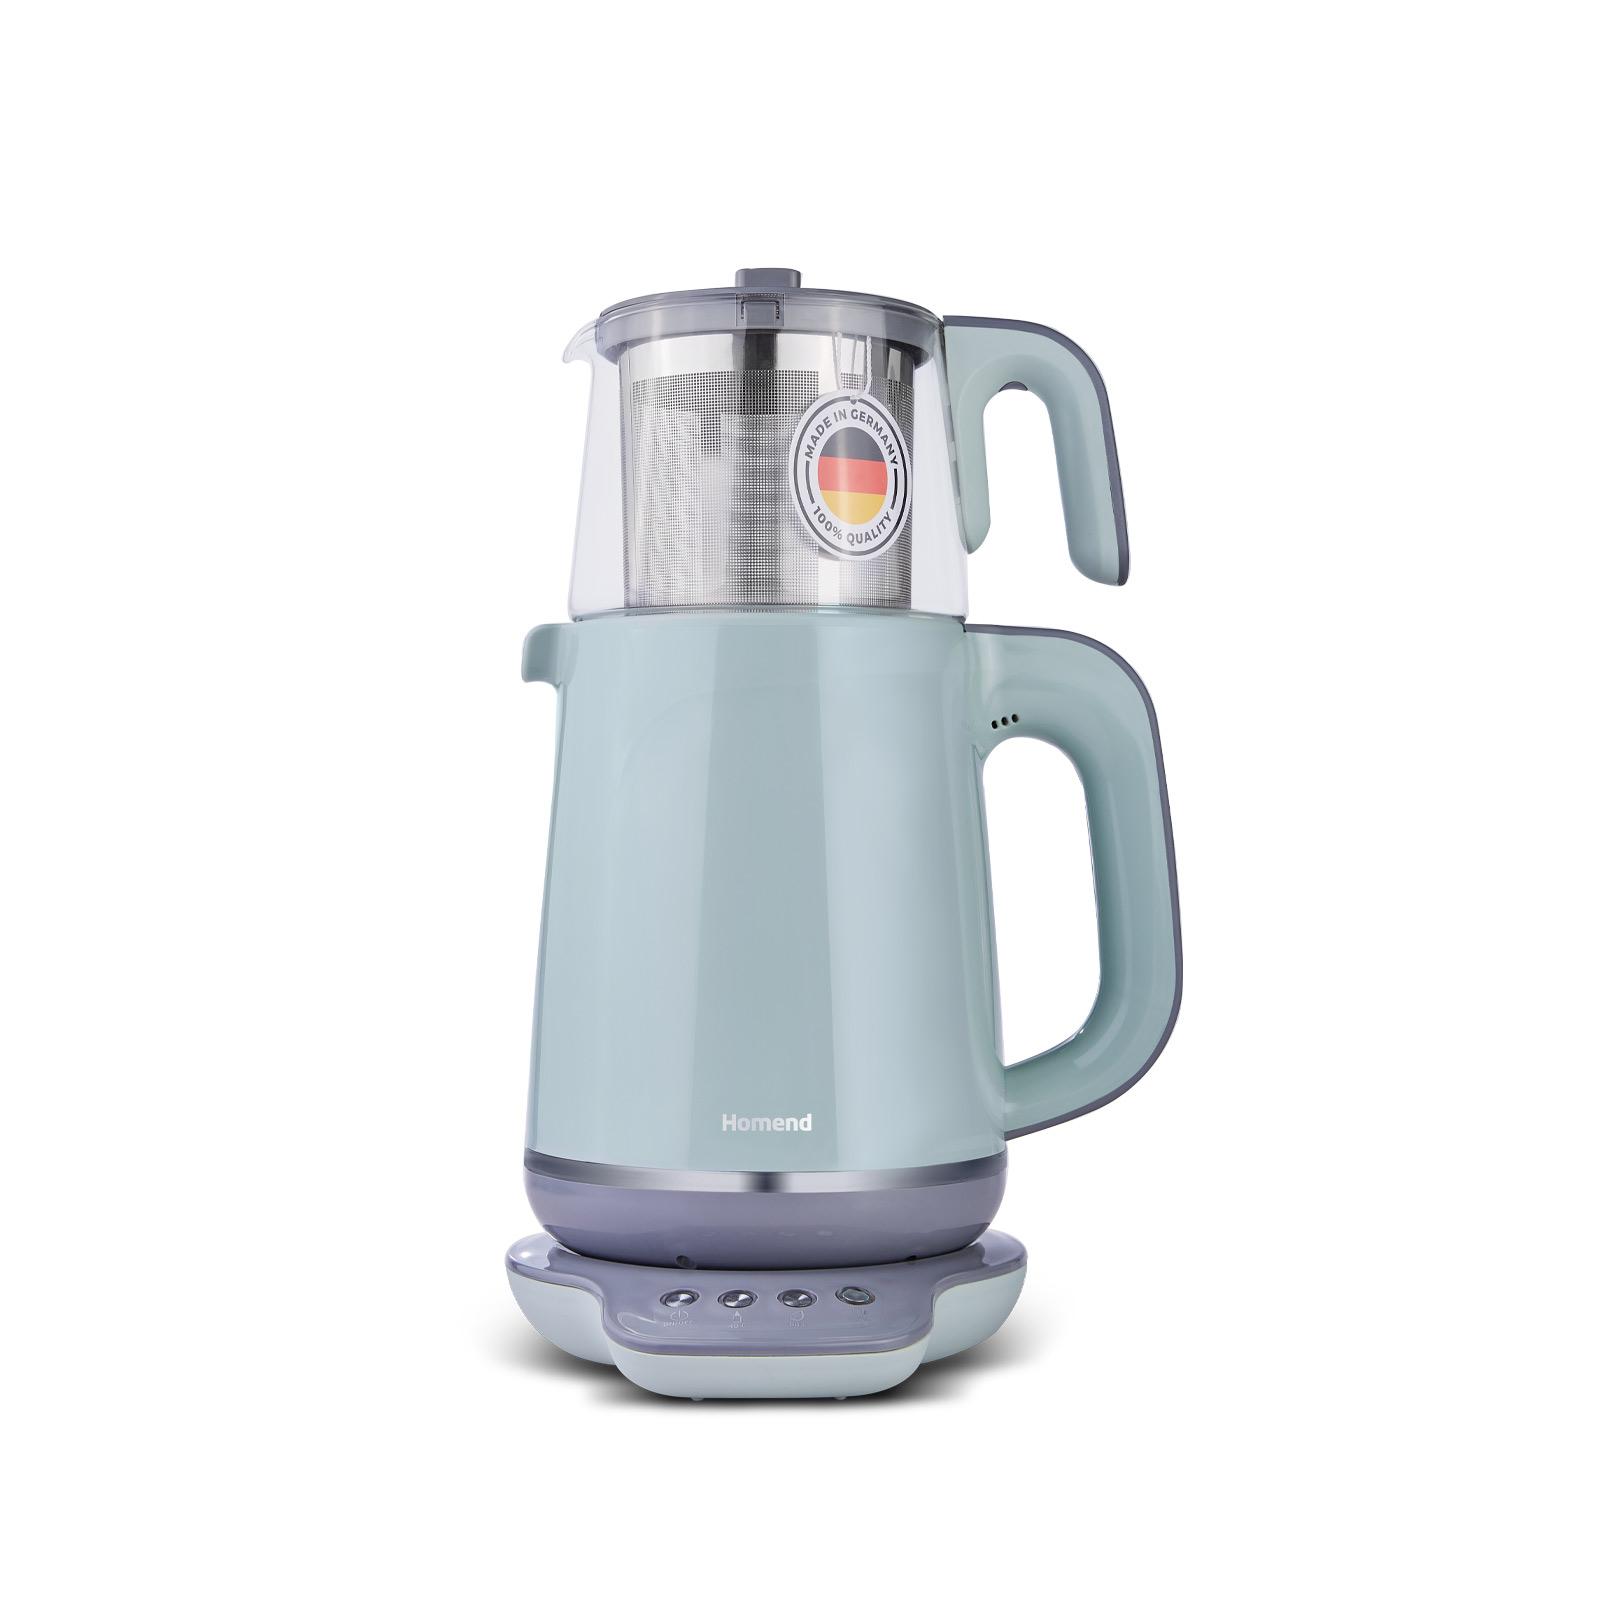 Homend Royaltea 1723h Konuşan Çay Makinesi Su Yeşili